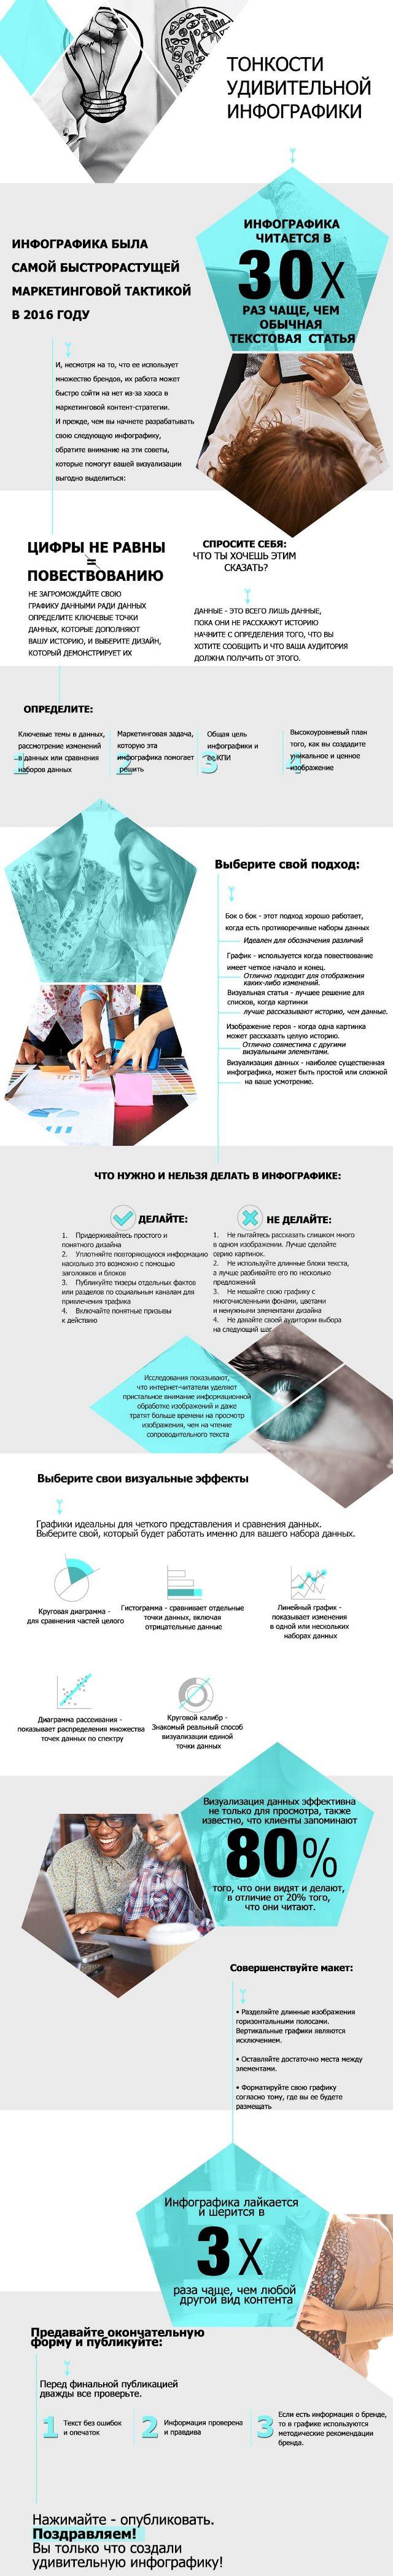 как сделать инфографику